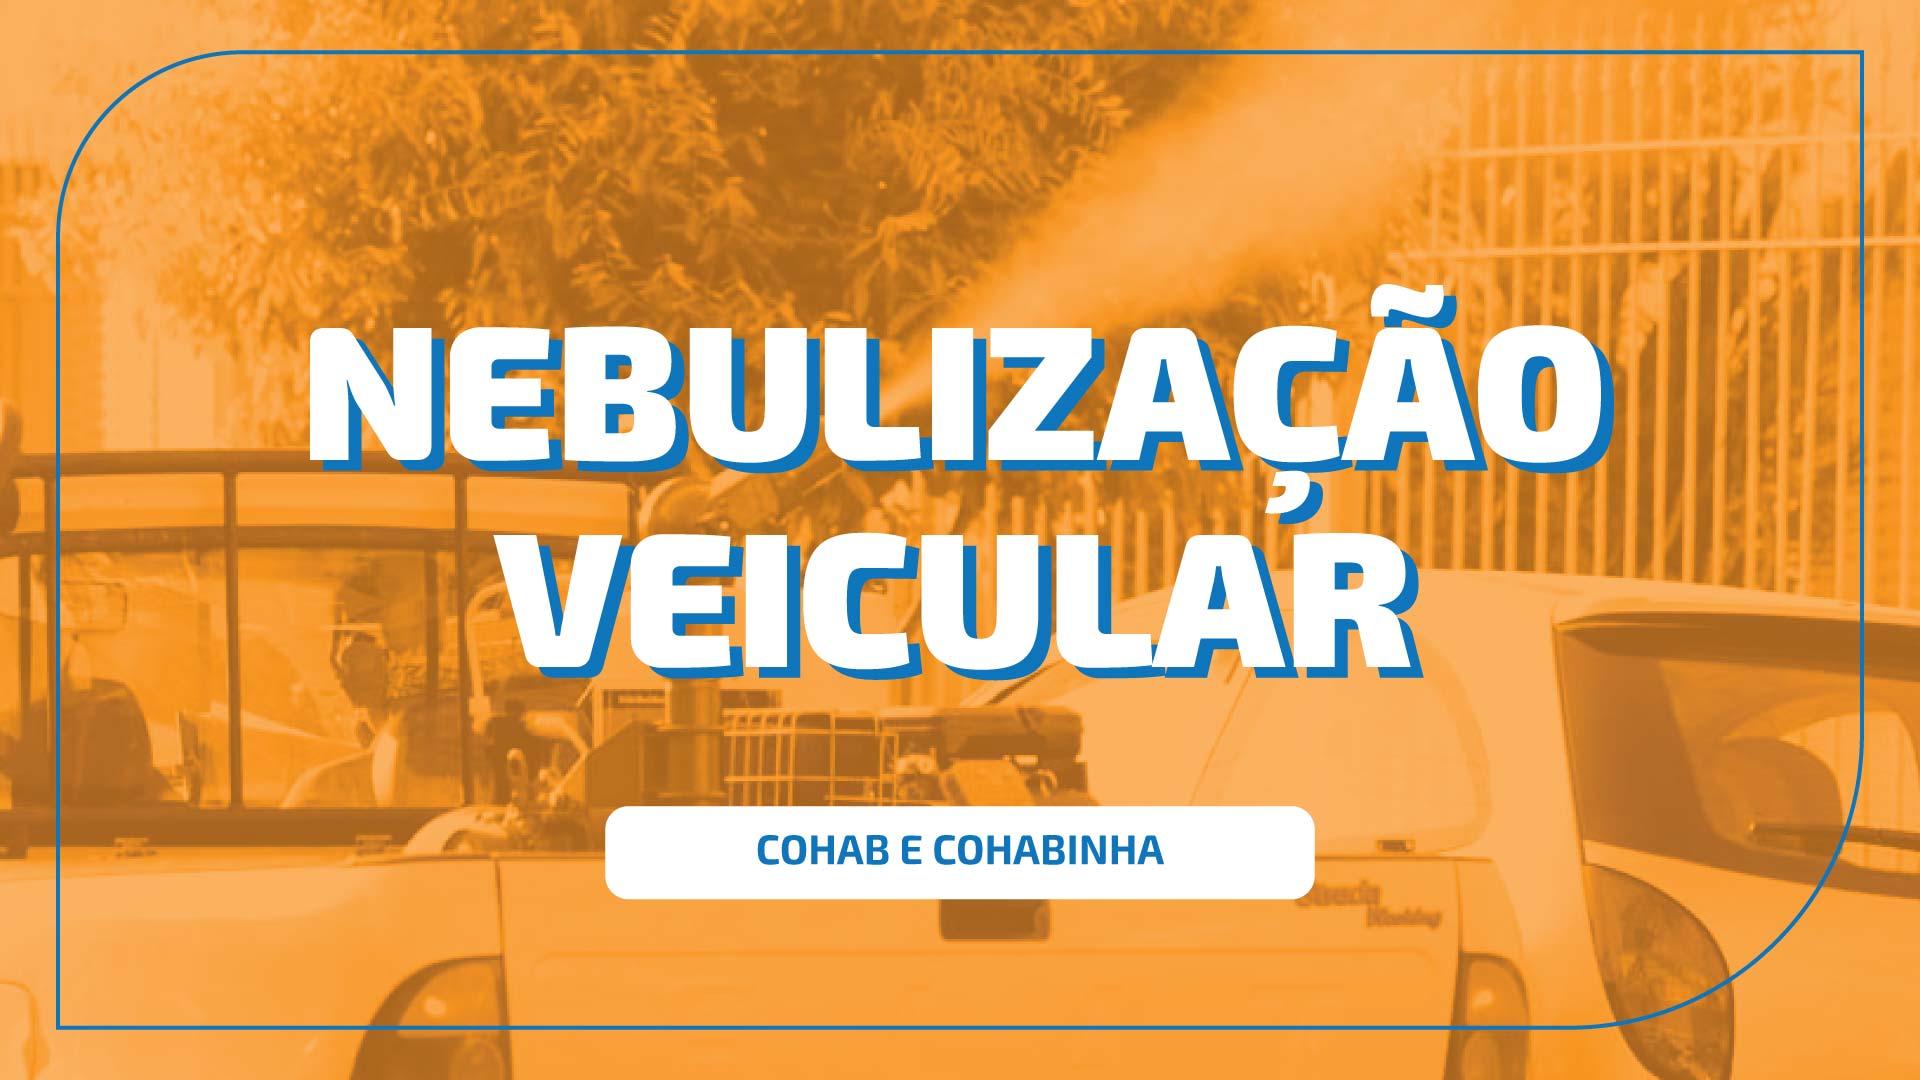 NEBULIZAÇÃO VEICULAR NOS BAIRROS COHAB E COHABINHA